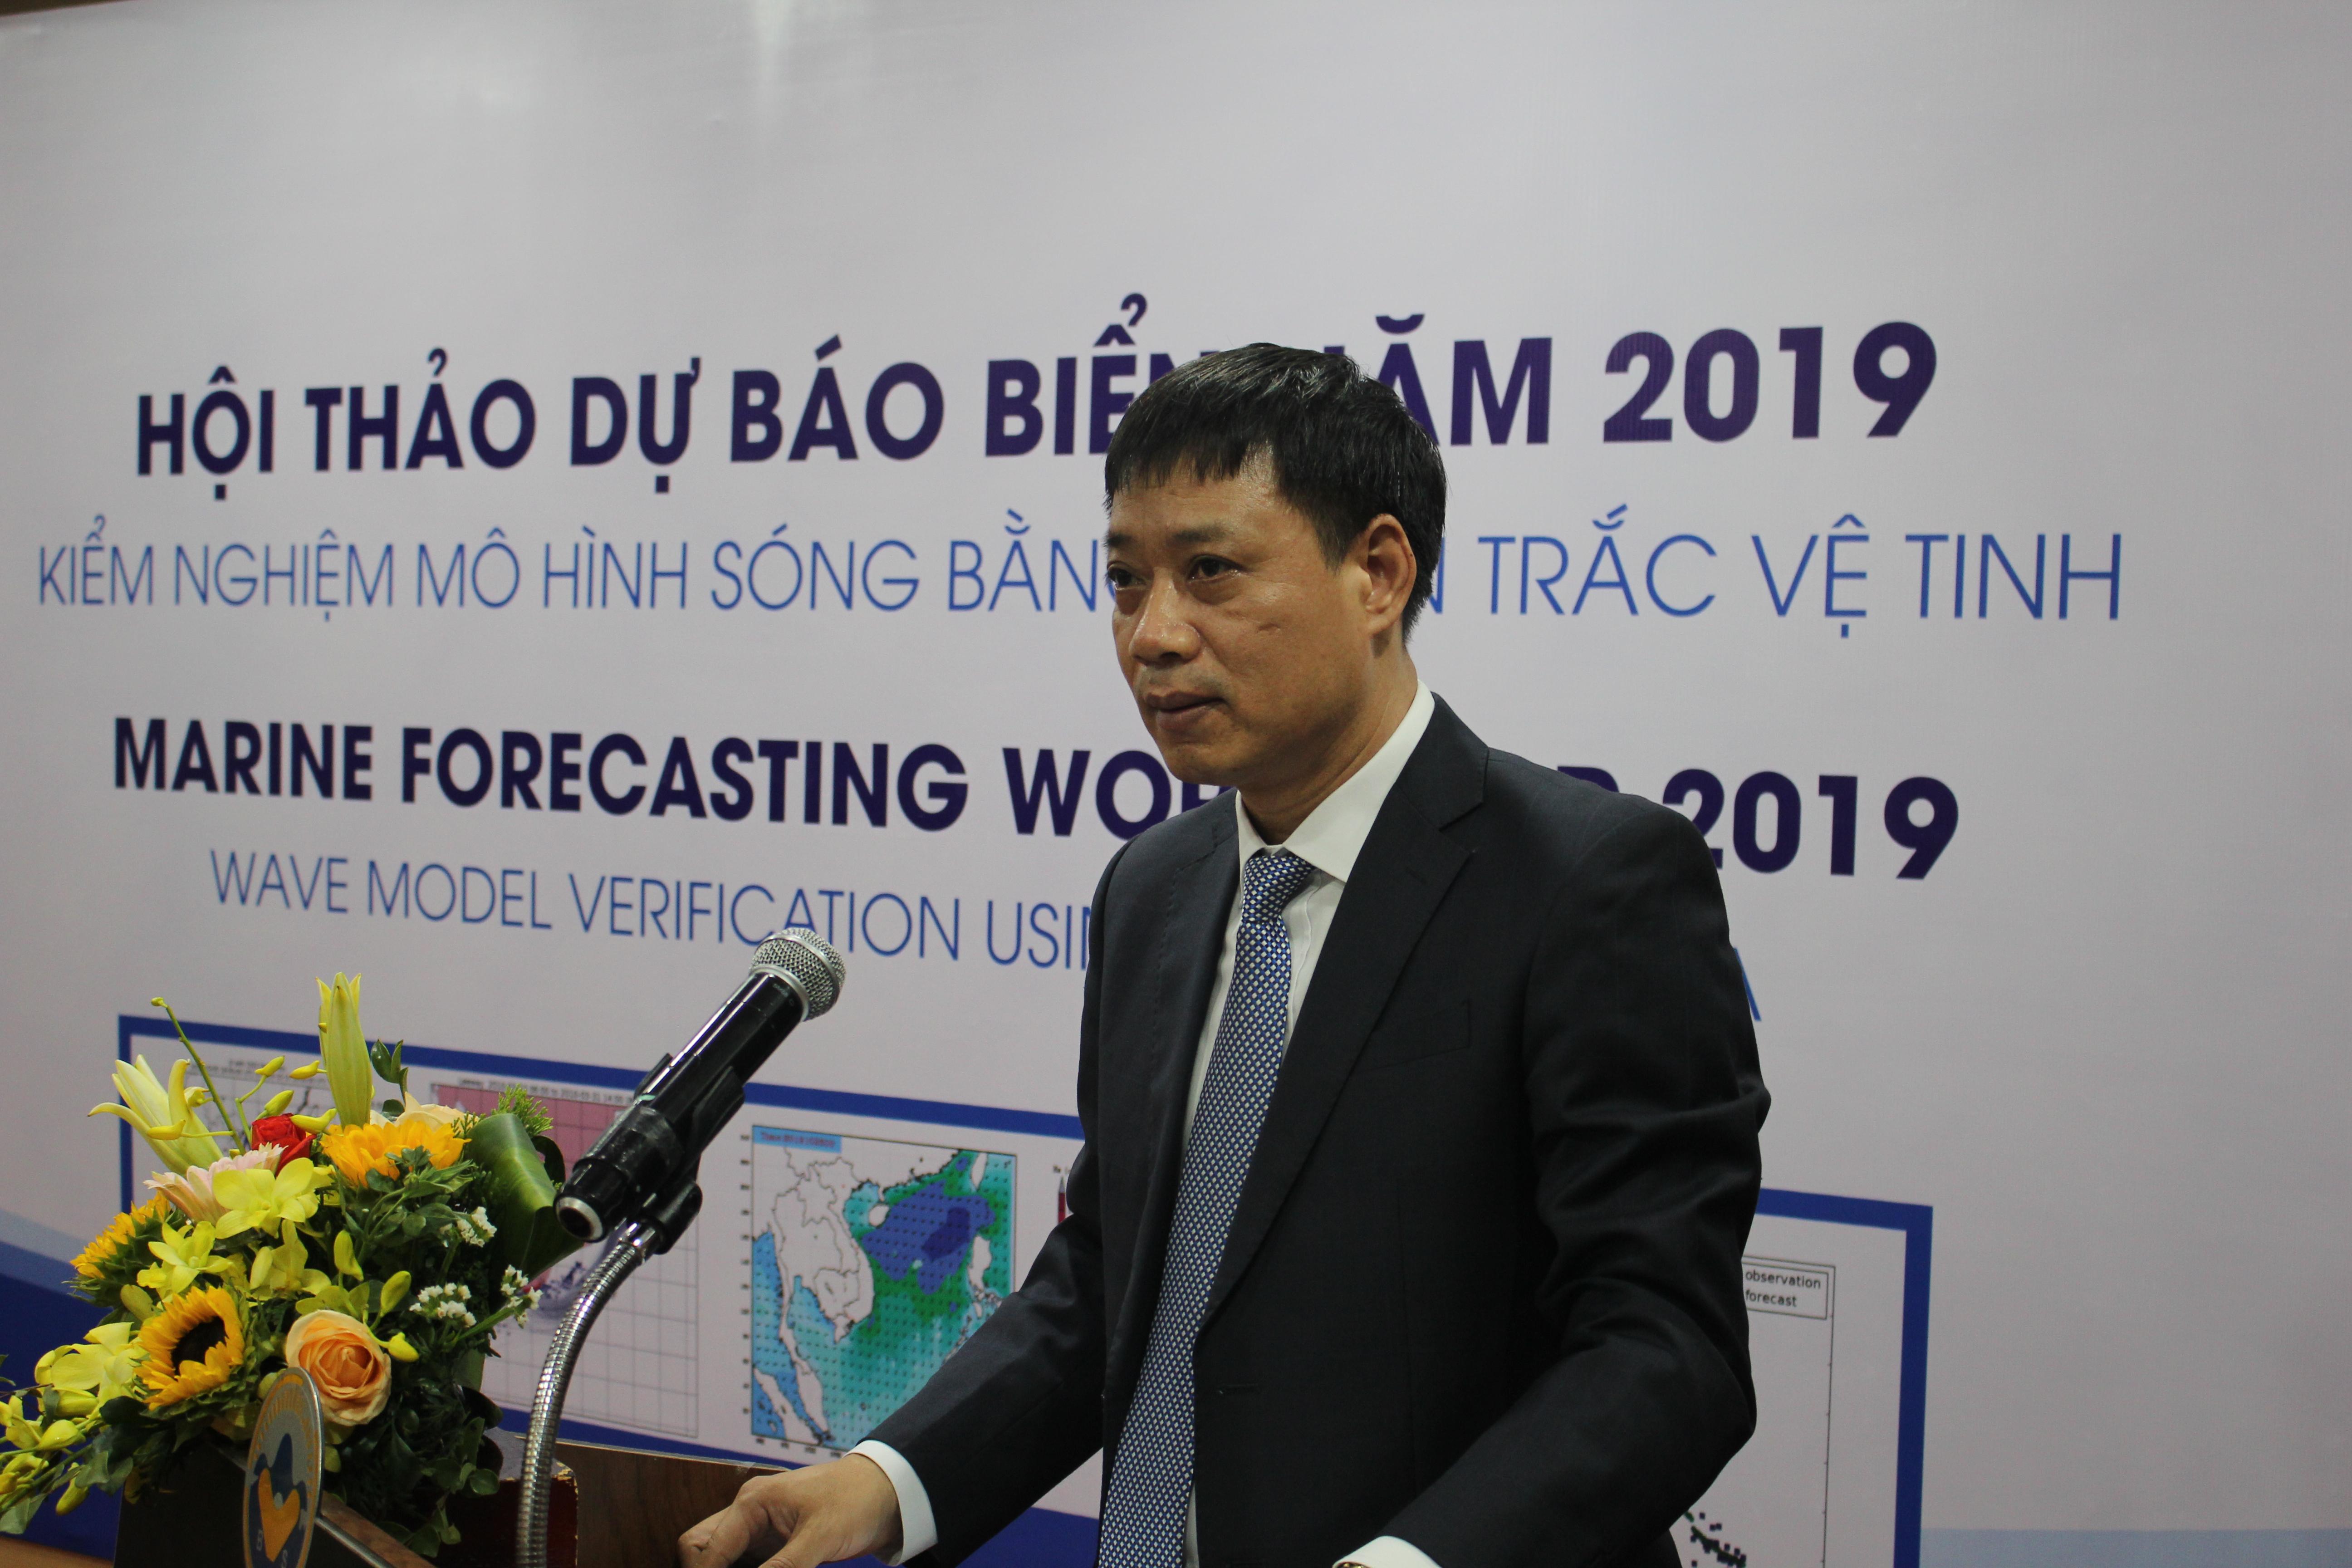 越南挪威加大提高海洋环境预报能力合作力度